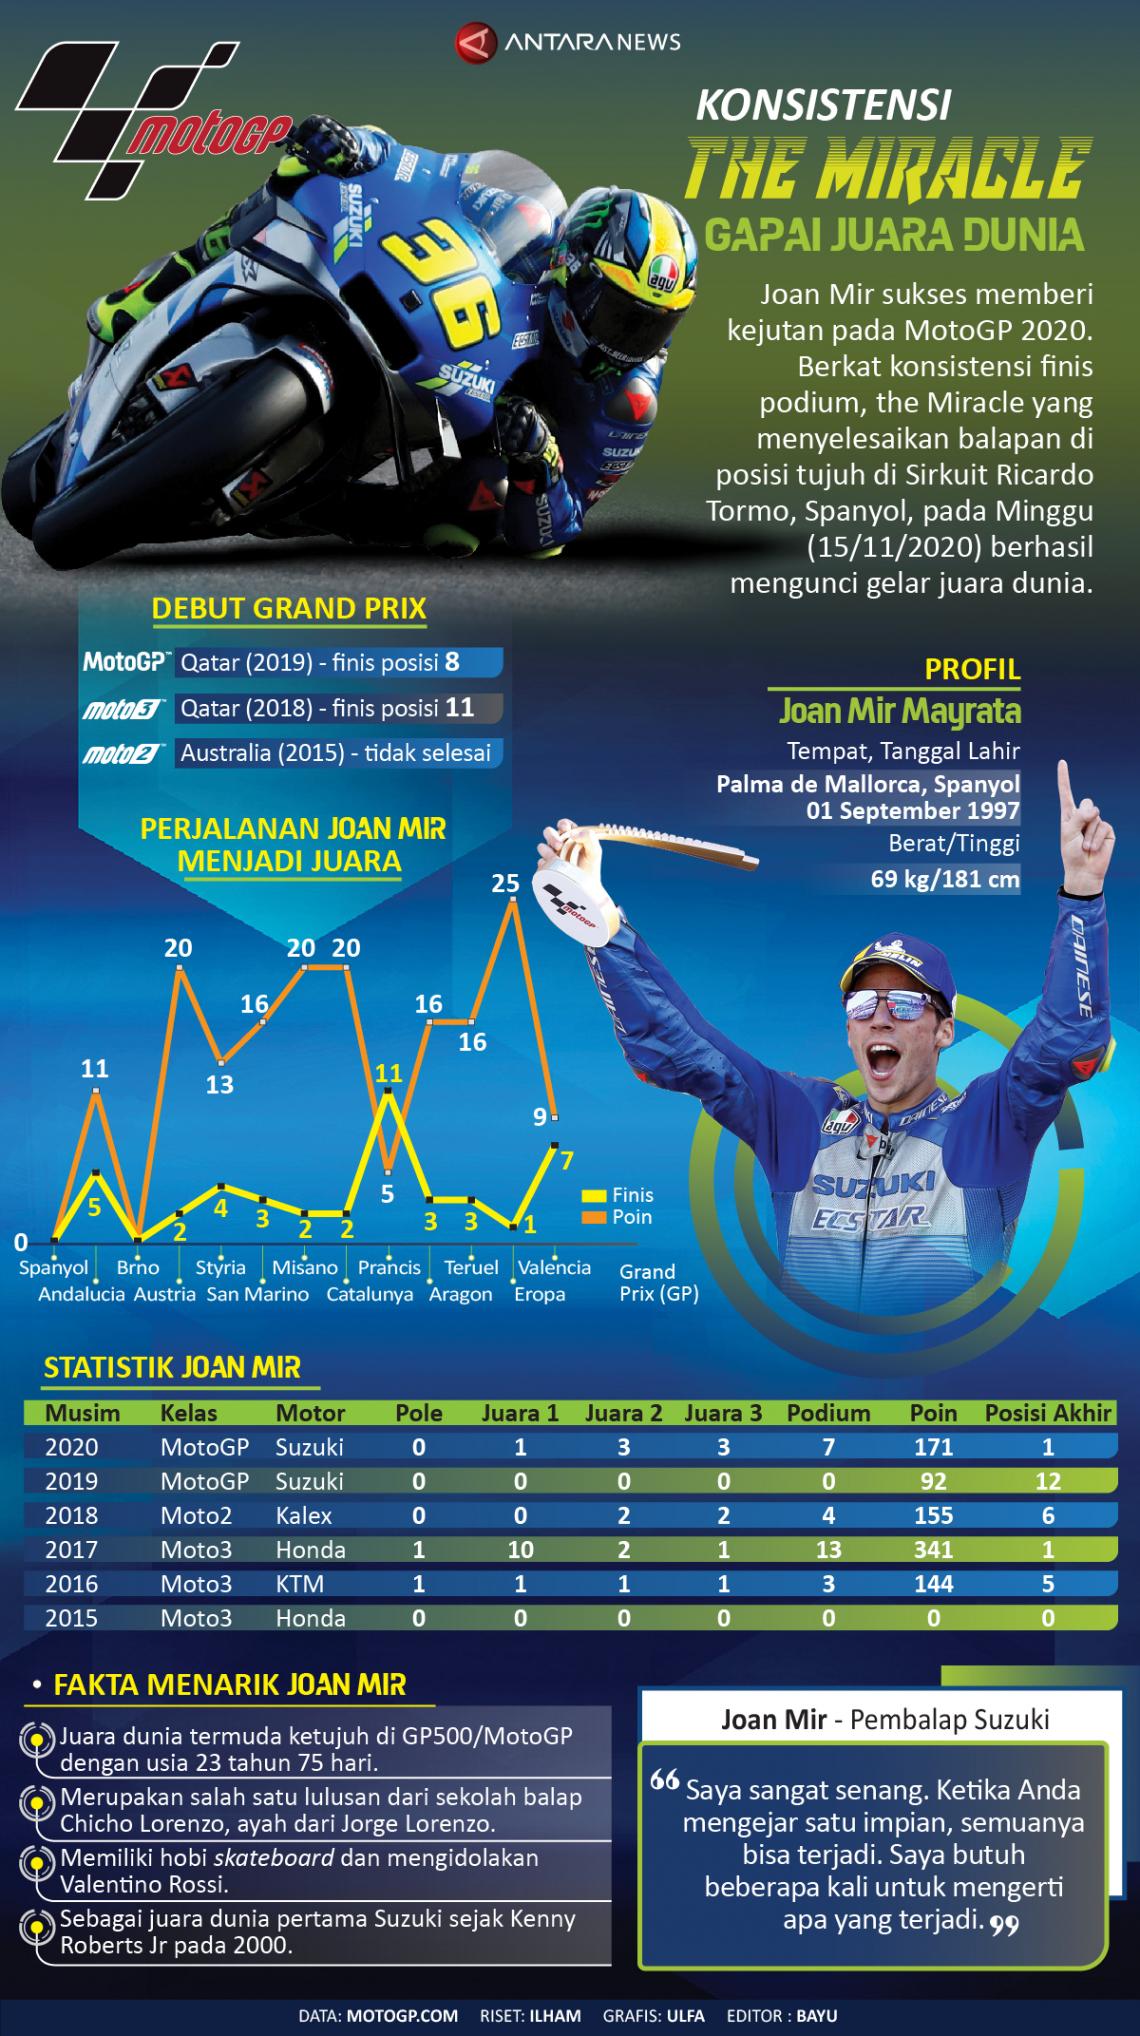 Konsistensi Joan Mir gapai juara dunia